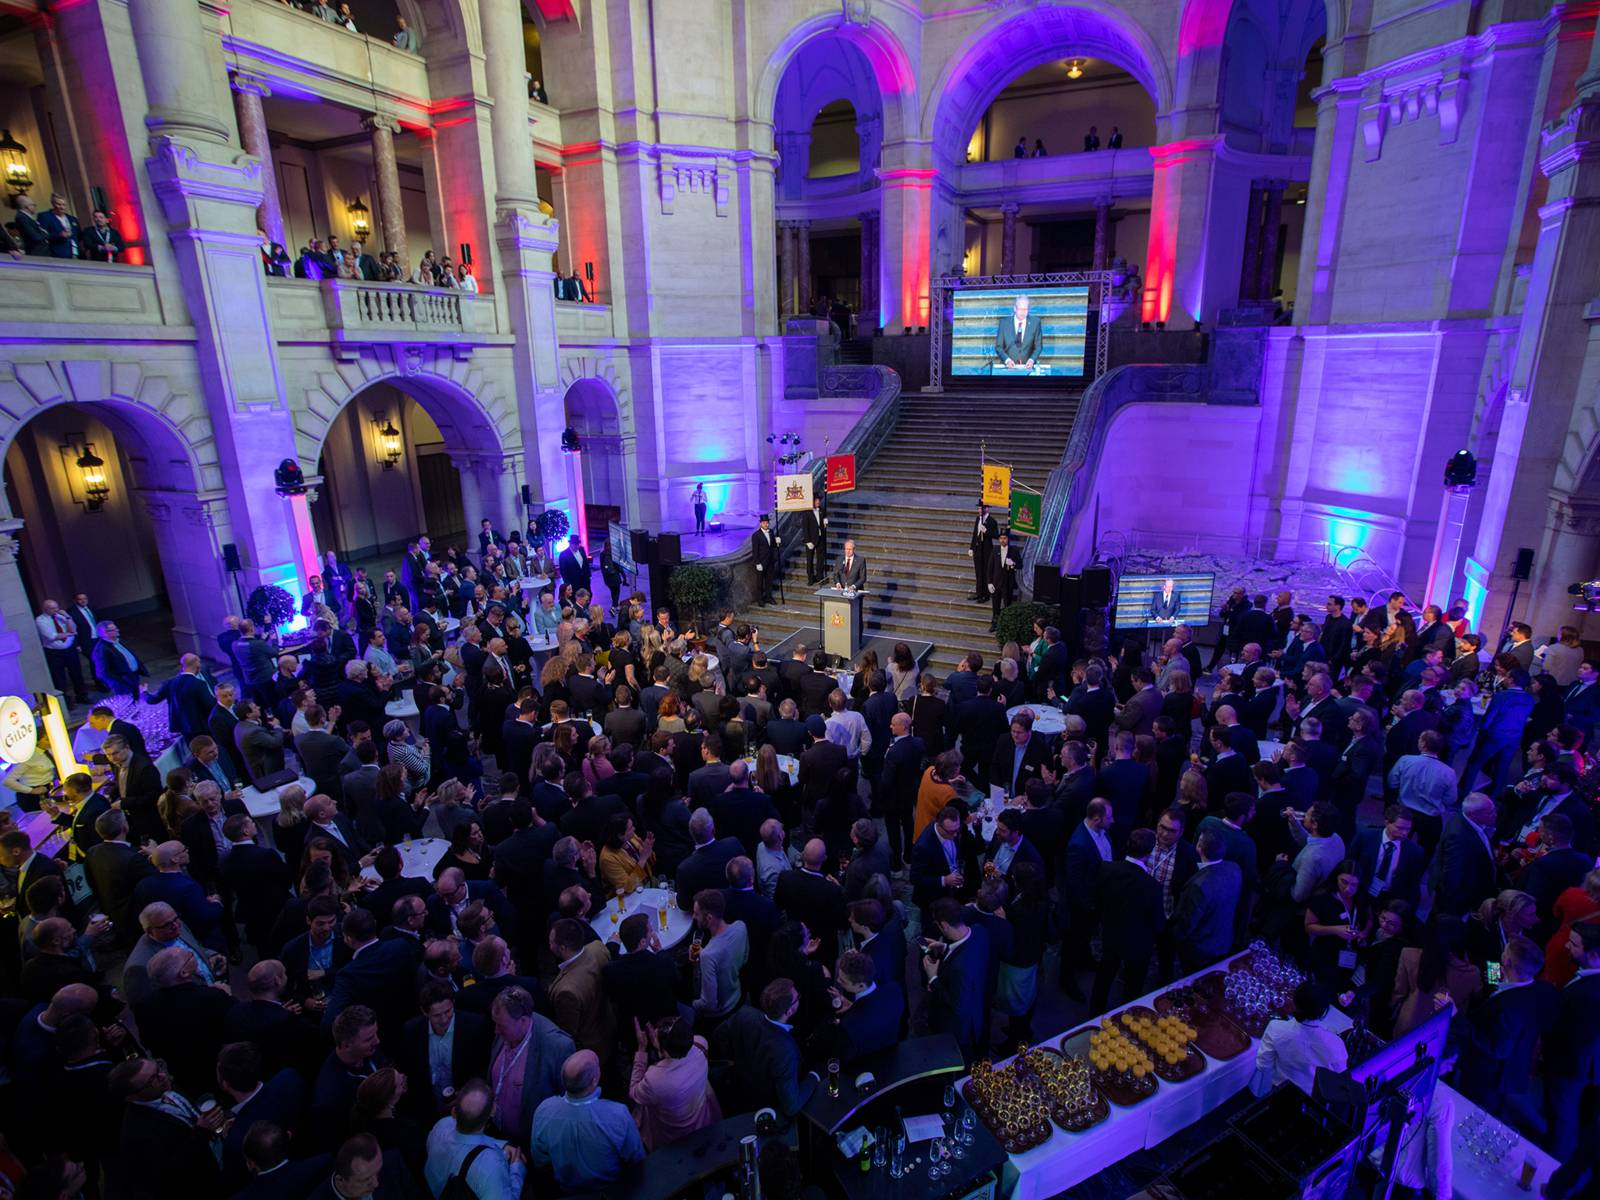 """Oberbürgermeister Stefan Schostok beim offiziellen Eröffnungsempfang der """"Routes Europe 2019"""" im Neuen Rathaus"""